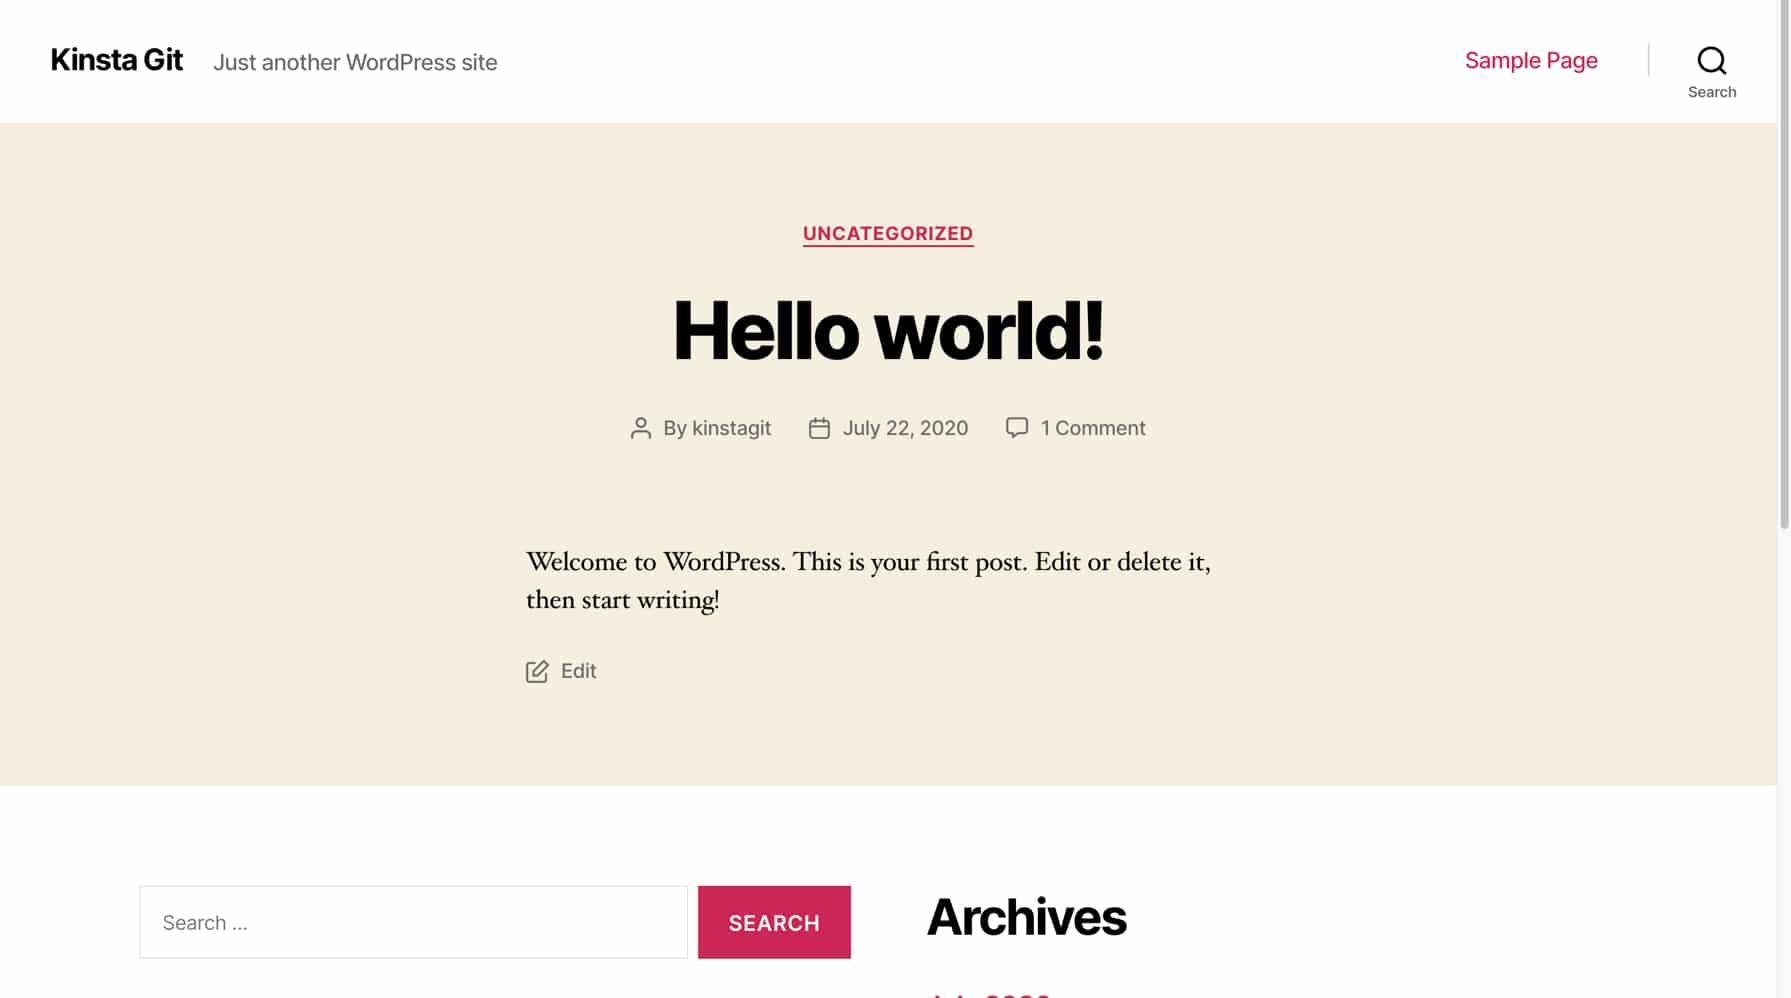 Une nouvelle installation de WordPress.